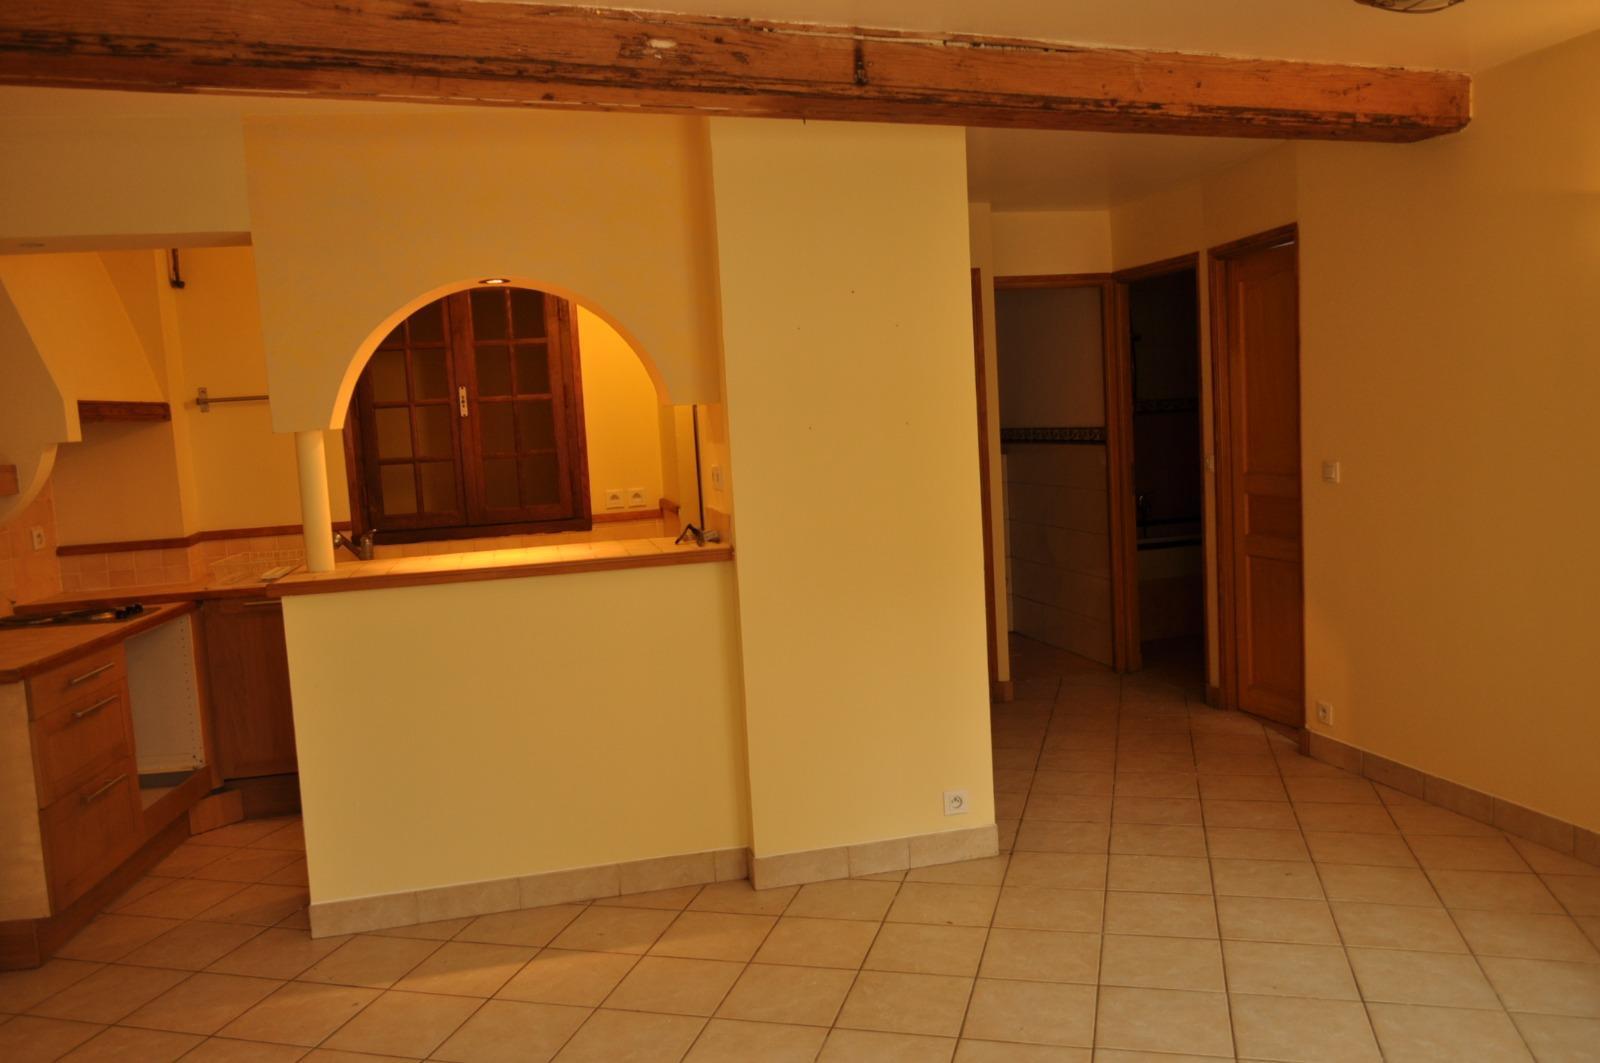 location appartement rez de chaussee. Black Bedroom Furniture Sets. Home Design Ideas